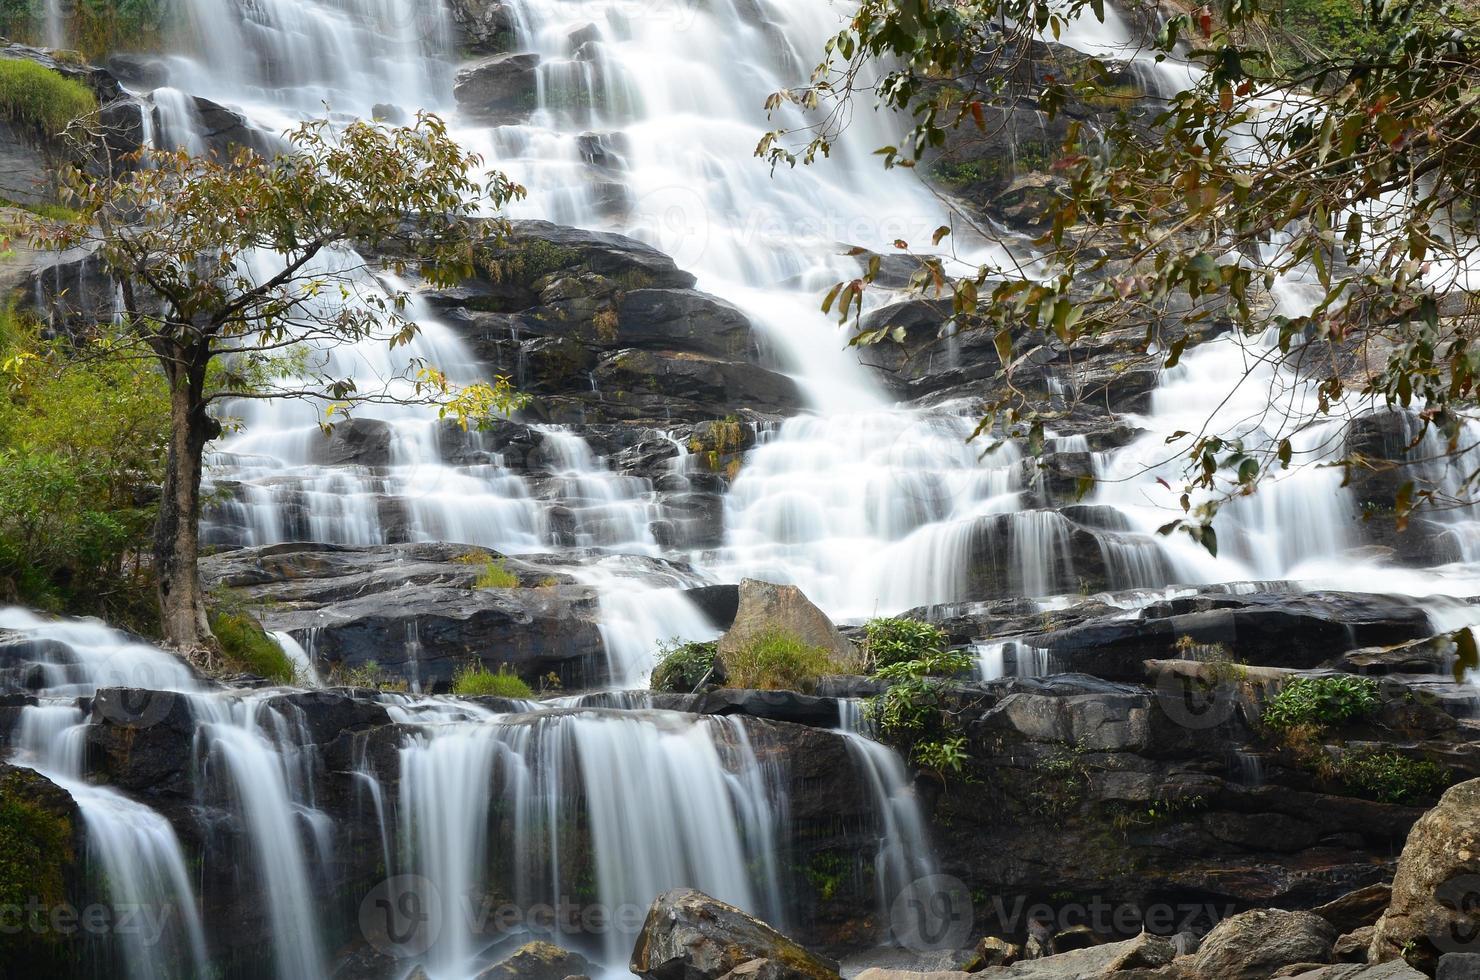 chutes d'eau dans les forêts d'automne photo